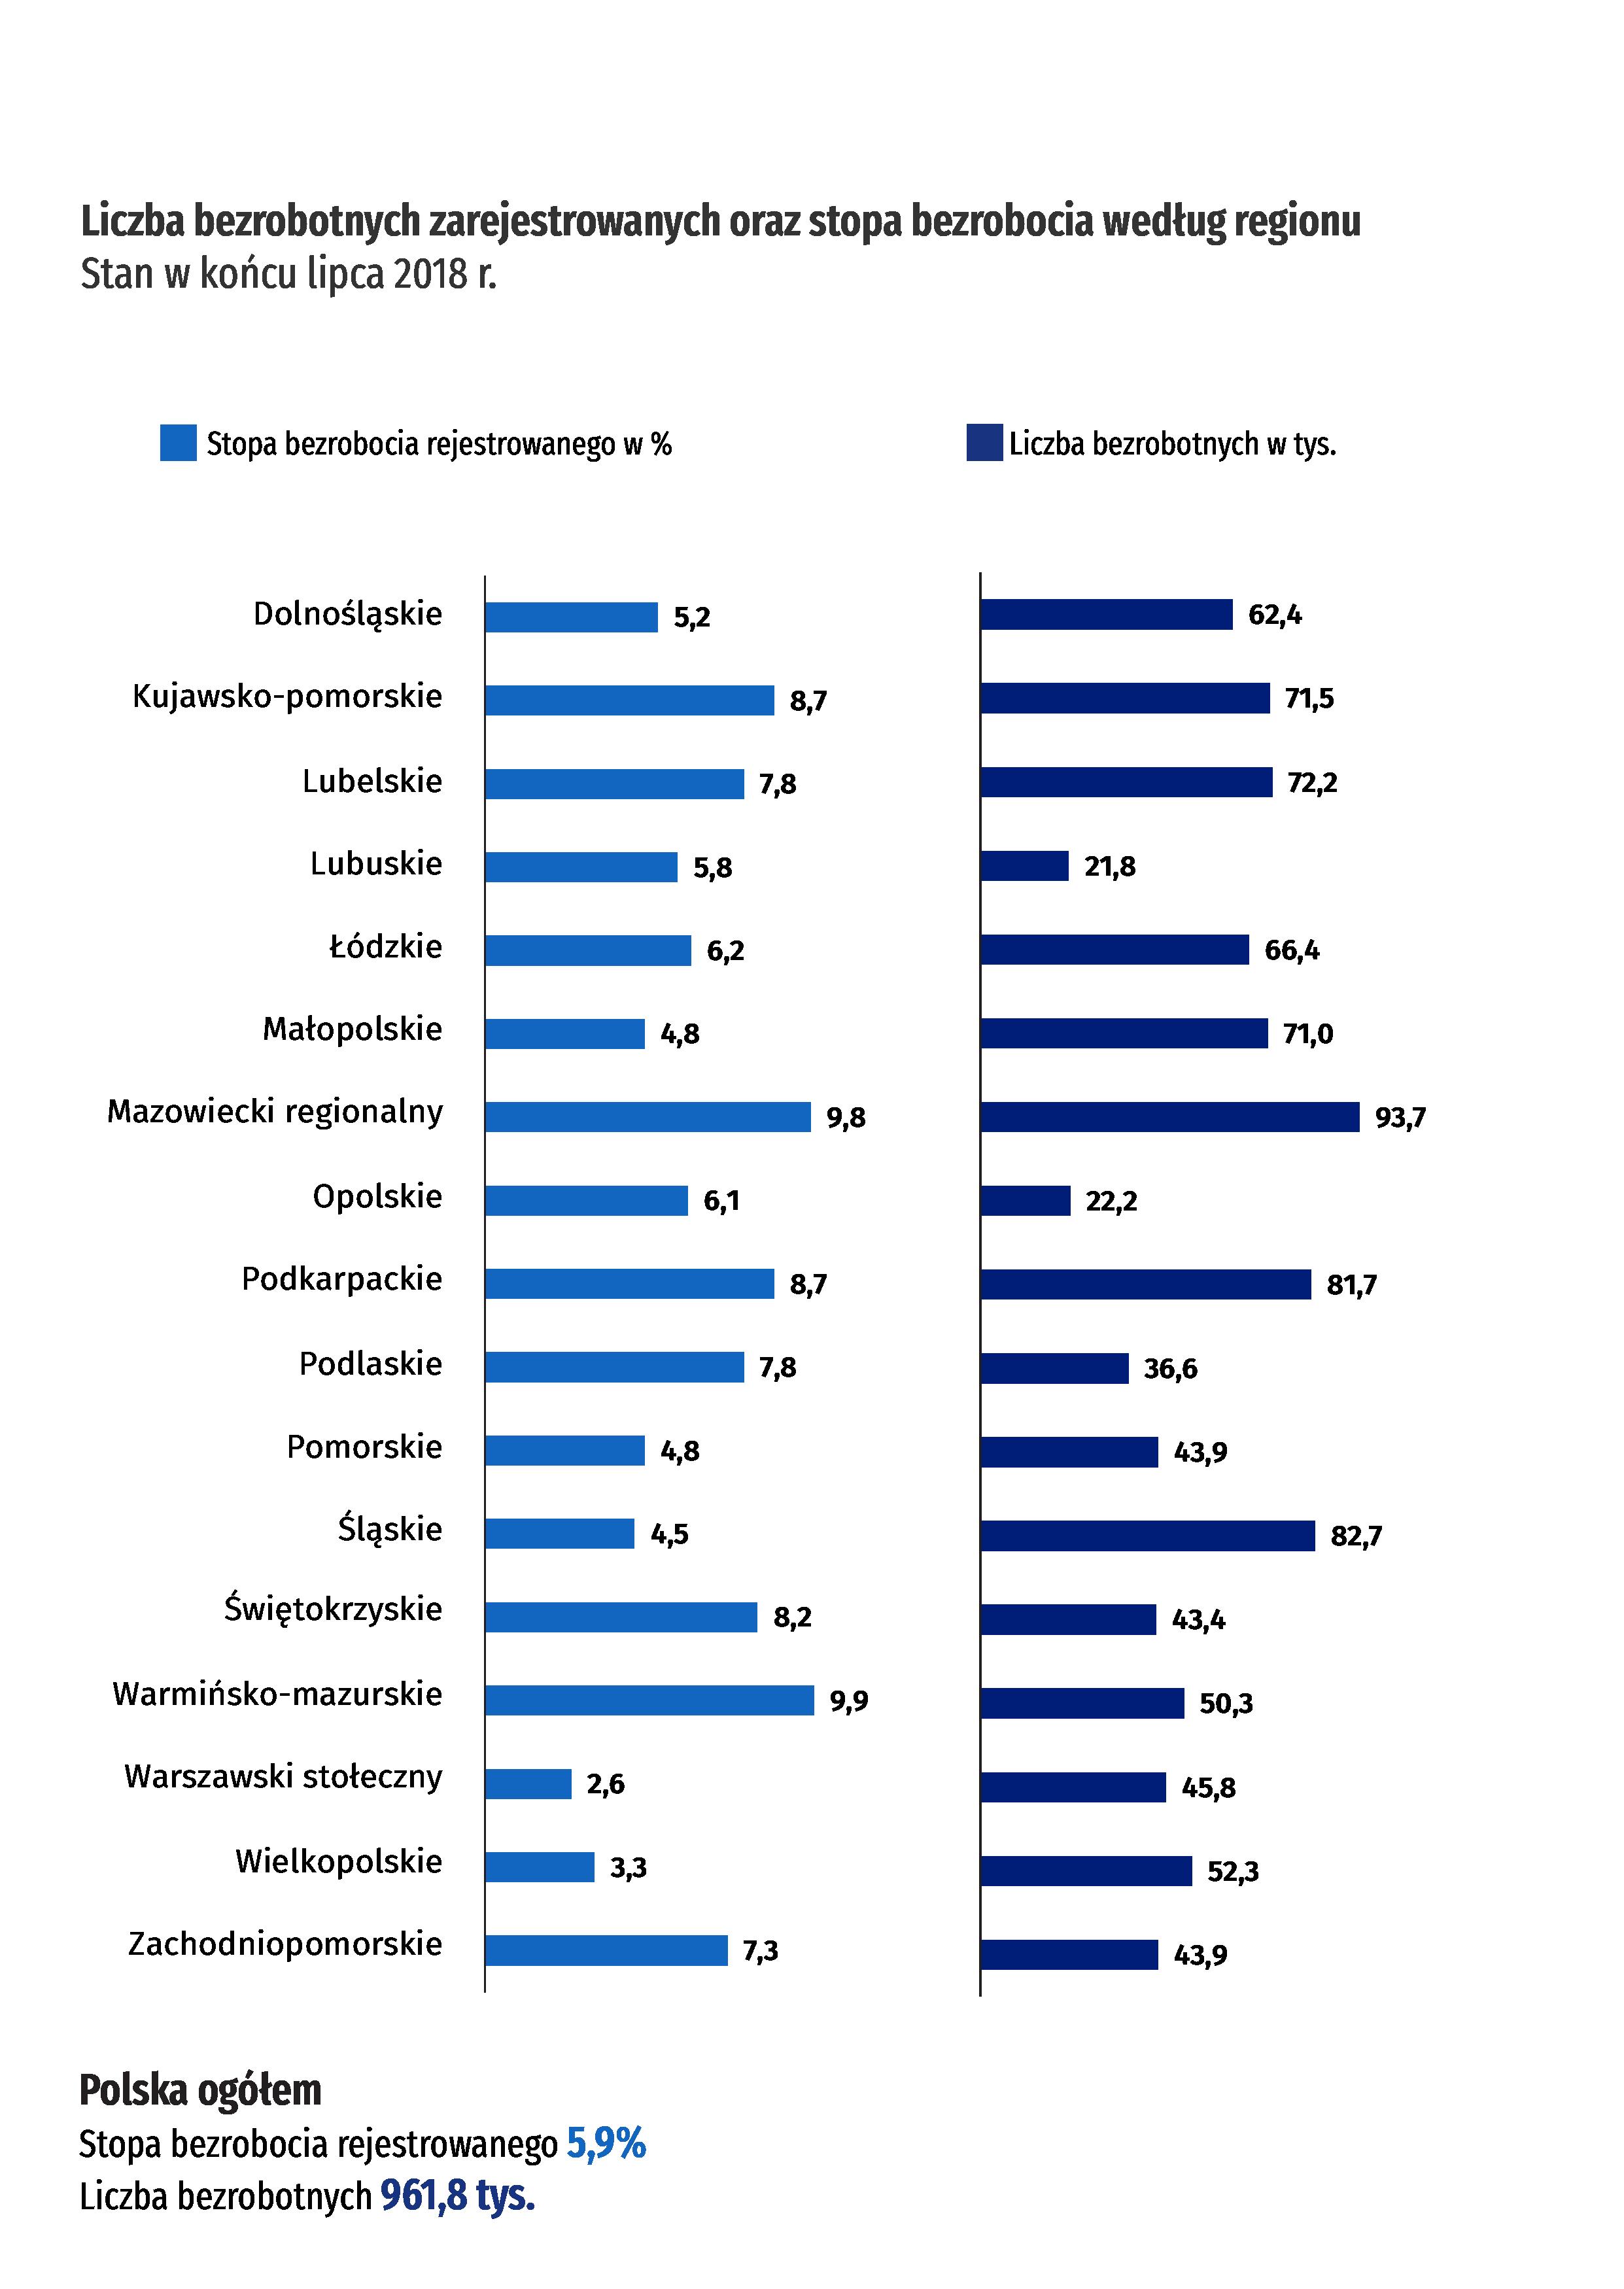 Liczba bezrobotnych zarejestrowanych oraz stopa bezrobocia według regionu. Stan w końcu lipca 2018 r.